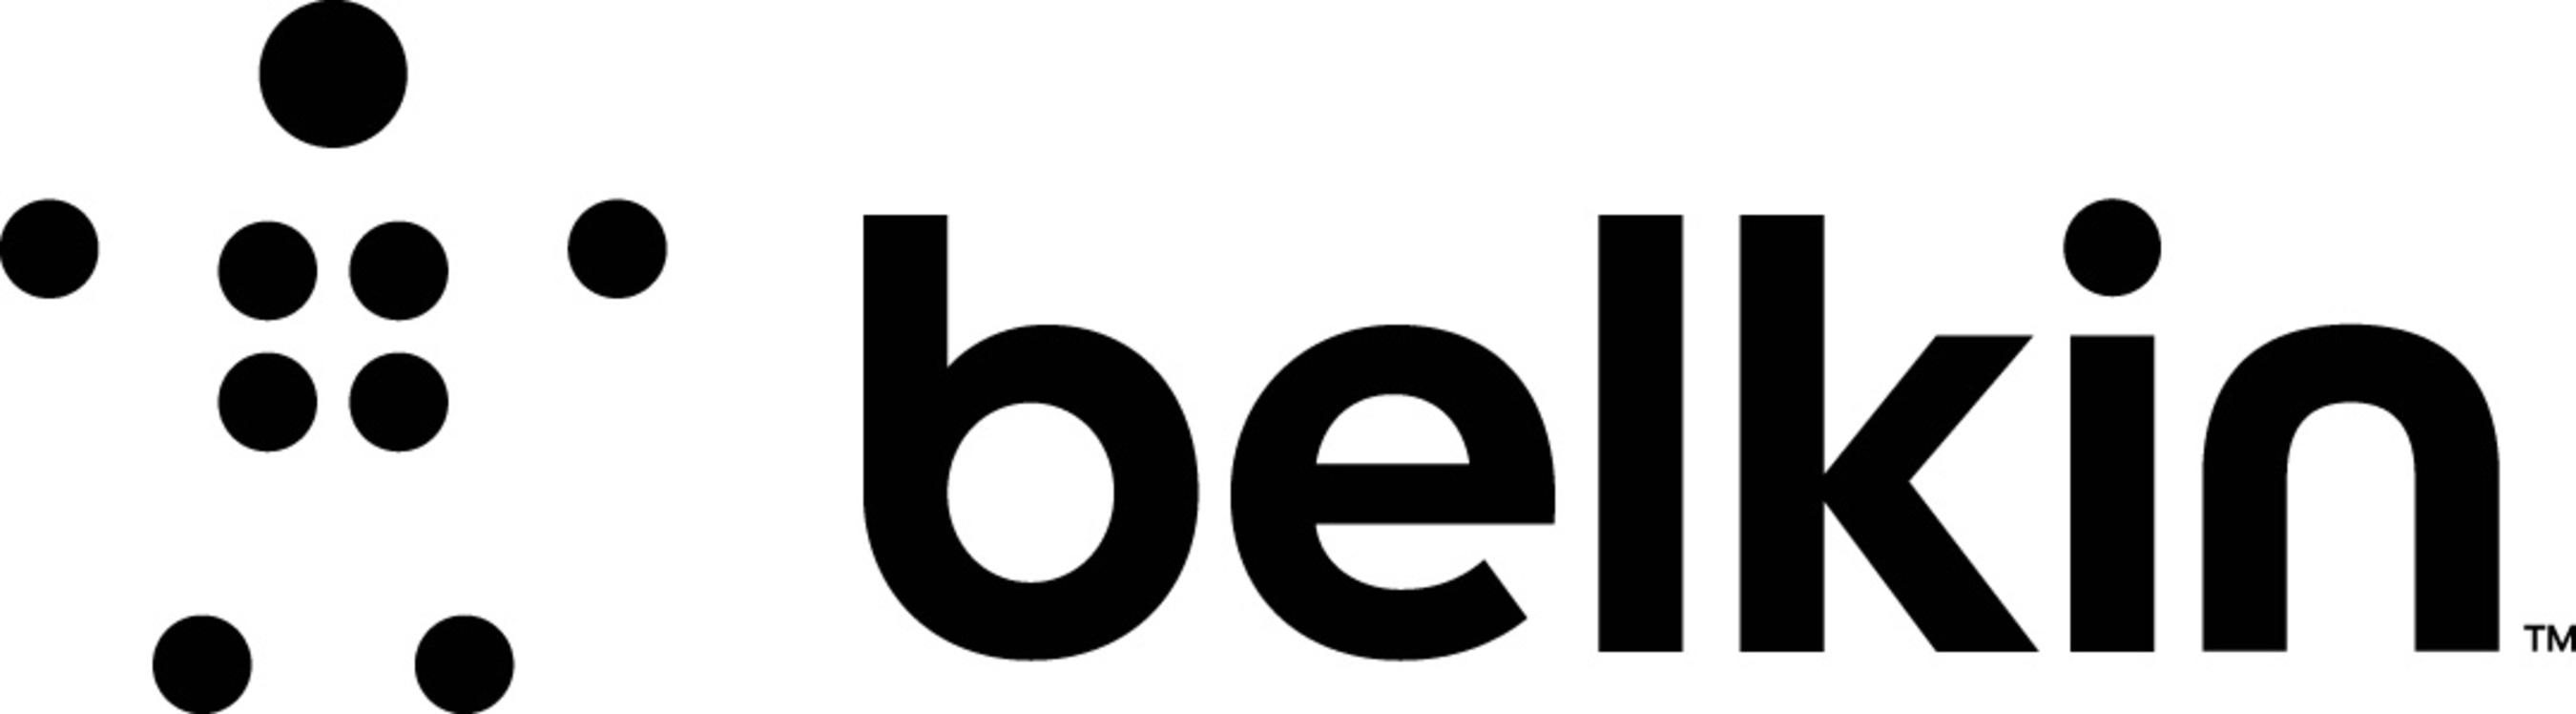 Cáp Sạc Lightning Belkin MIXIT DuraTek F8J207bt04-BLK Sợi Kevlar Siêu Bền 1,2M MFi (Đen)